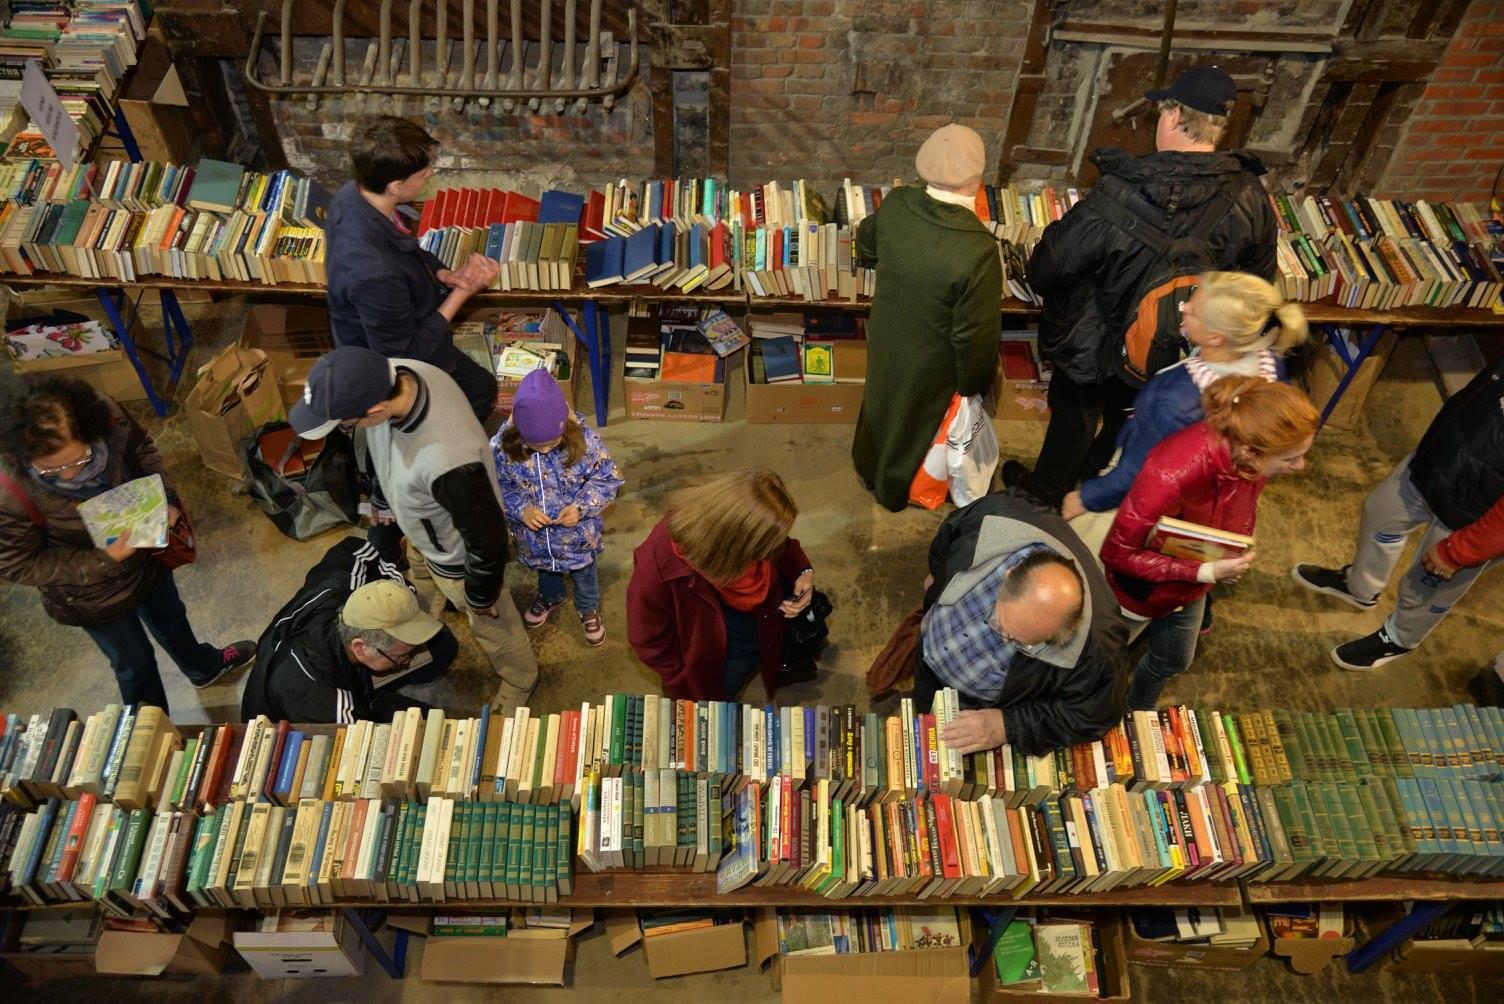 Tasuta raamatute laadal saab kohtuda mitmete kultuuritegelastega